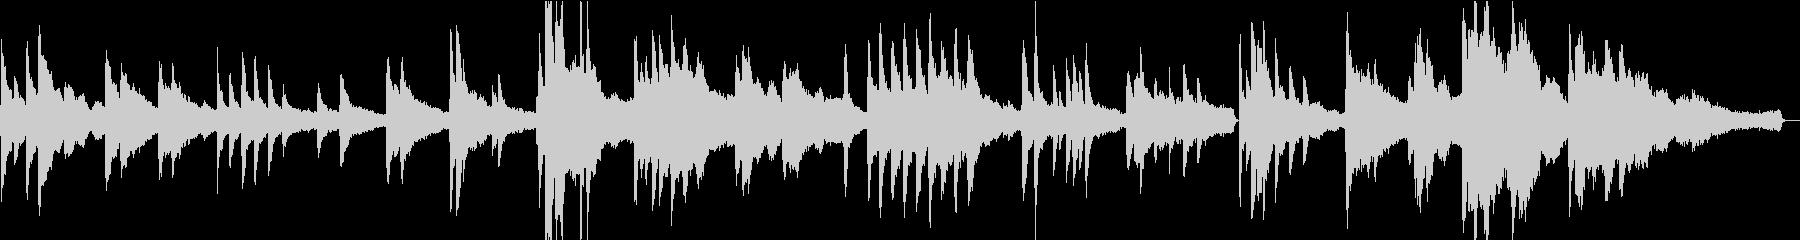 ヒーリングピアノ組曲 まどろみ 3の未再生の波形